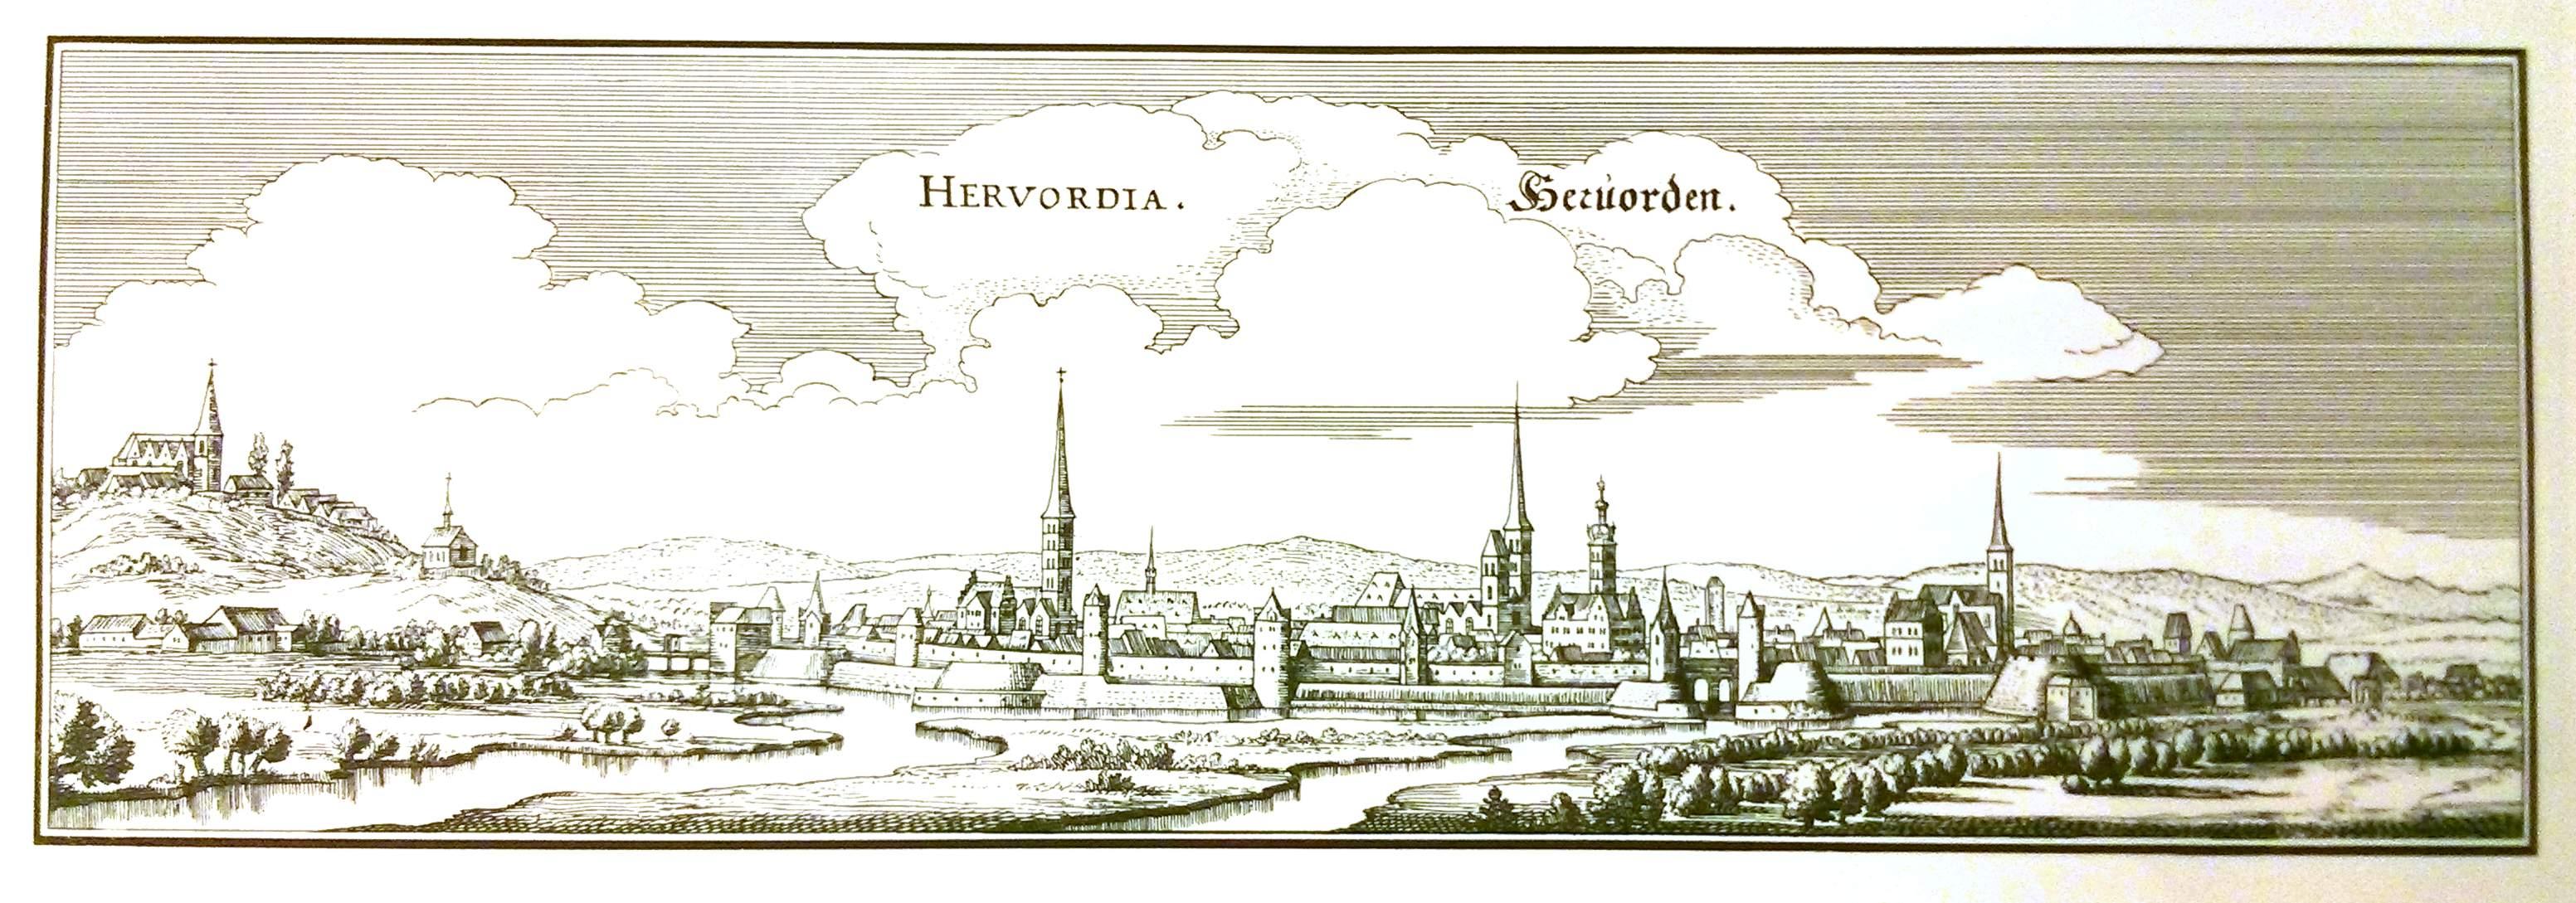 Merian-Stich Herford